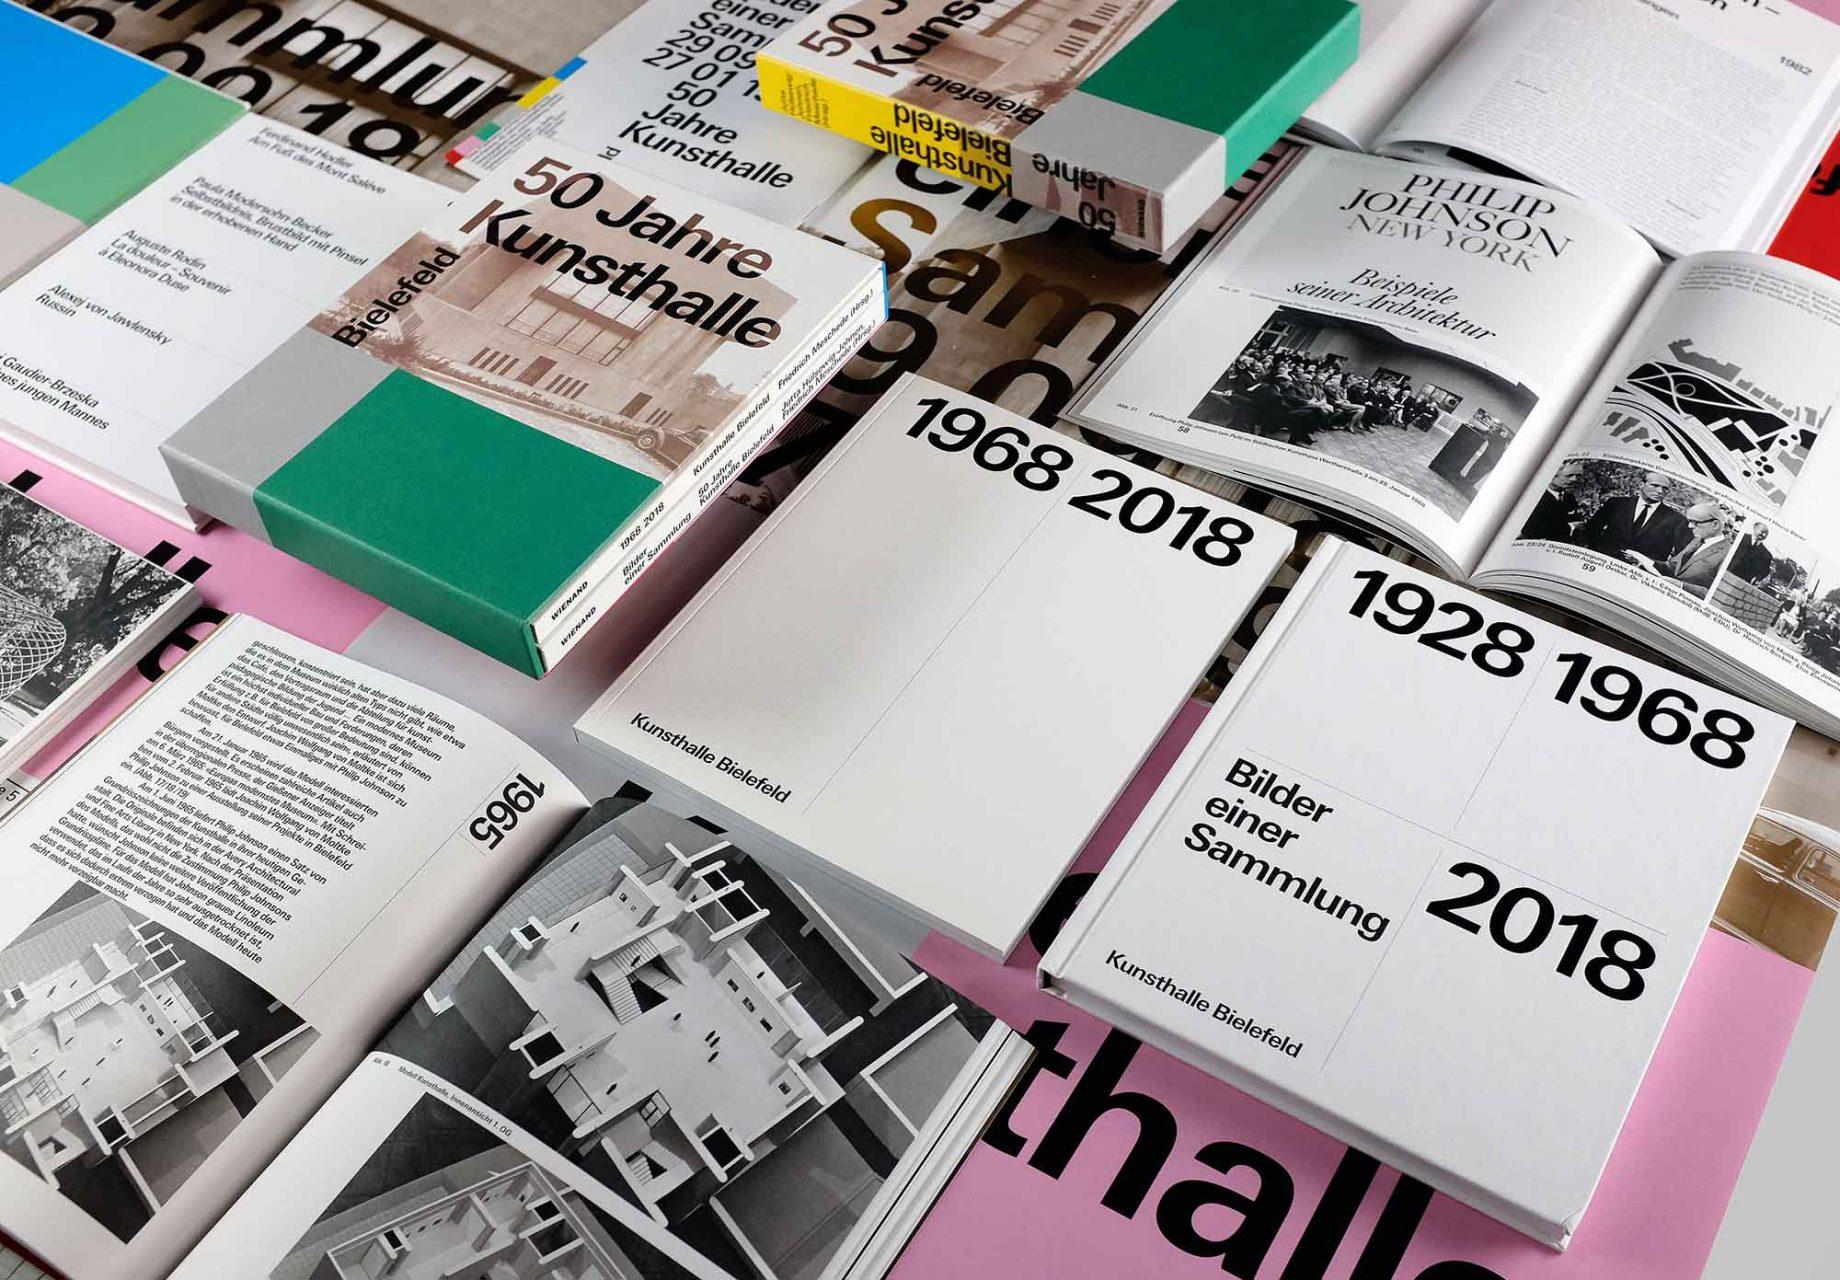 50 Jahre Kunsthalle Bielefeld. Zweiteiliger Bildband mit einem Text von Hendrik Bohle über die Architektur der Kunsthalle und Bildern von Jan Dimog